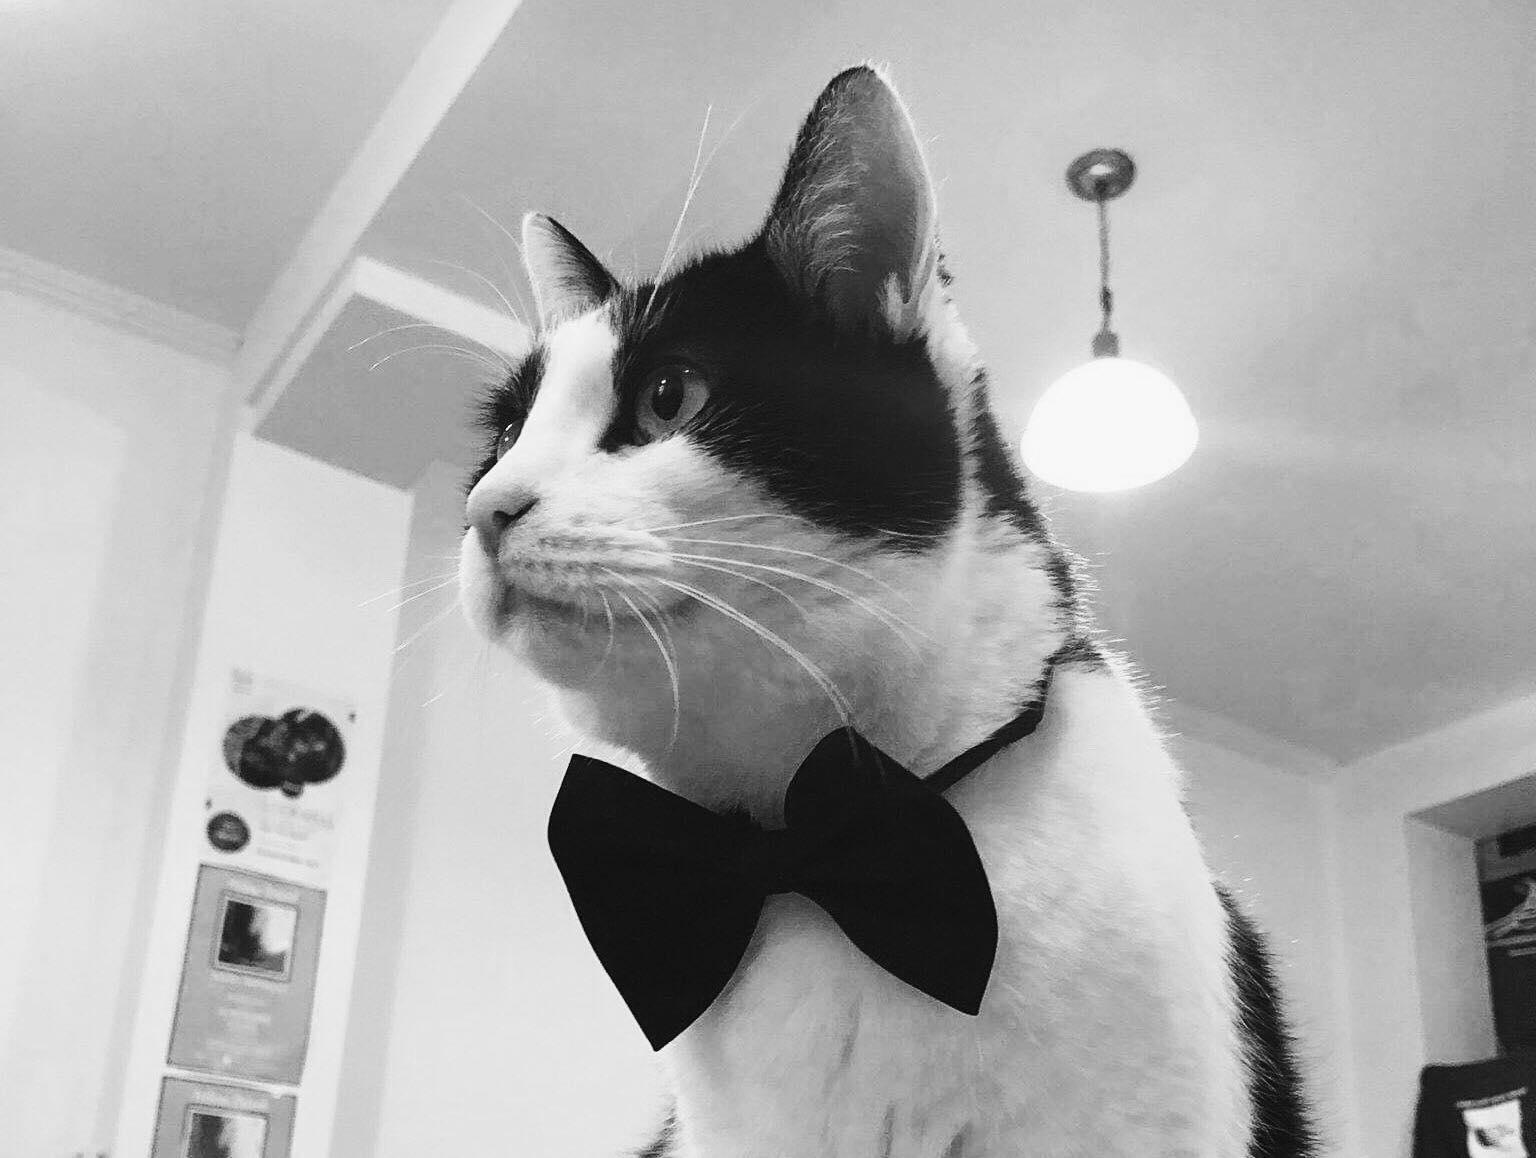 Tsao le chat - Rencontre avec Tsao, promo boy officiel de unïdsounds et colocataire majoritaire de l'humain Louis-Philippe. Membre notoire de l'équipe, on le reconnait par son tuxedo permanent, son regard saisissant ainsi que sa démarche de chasseur - gentlemen.